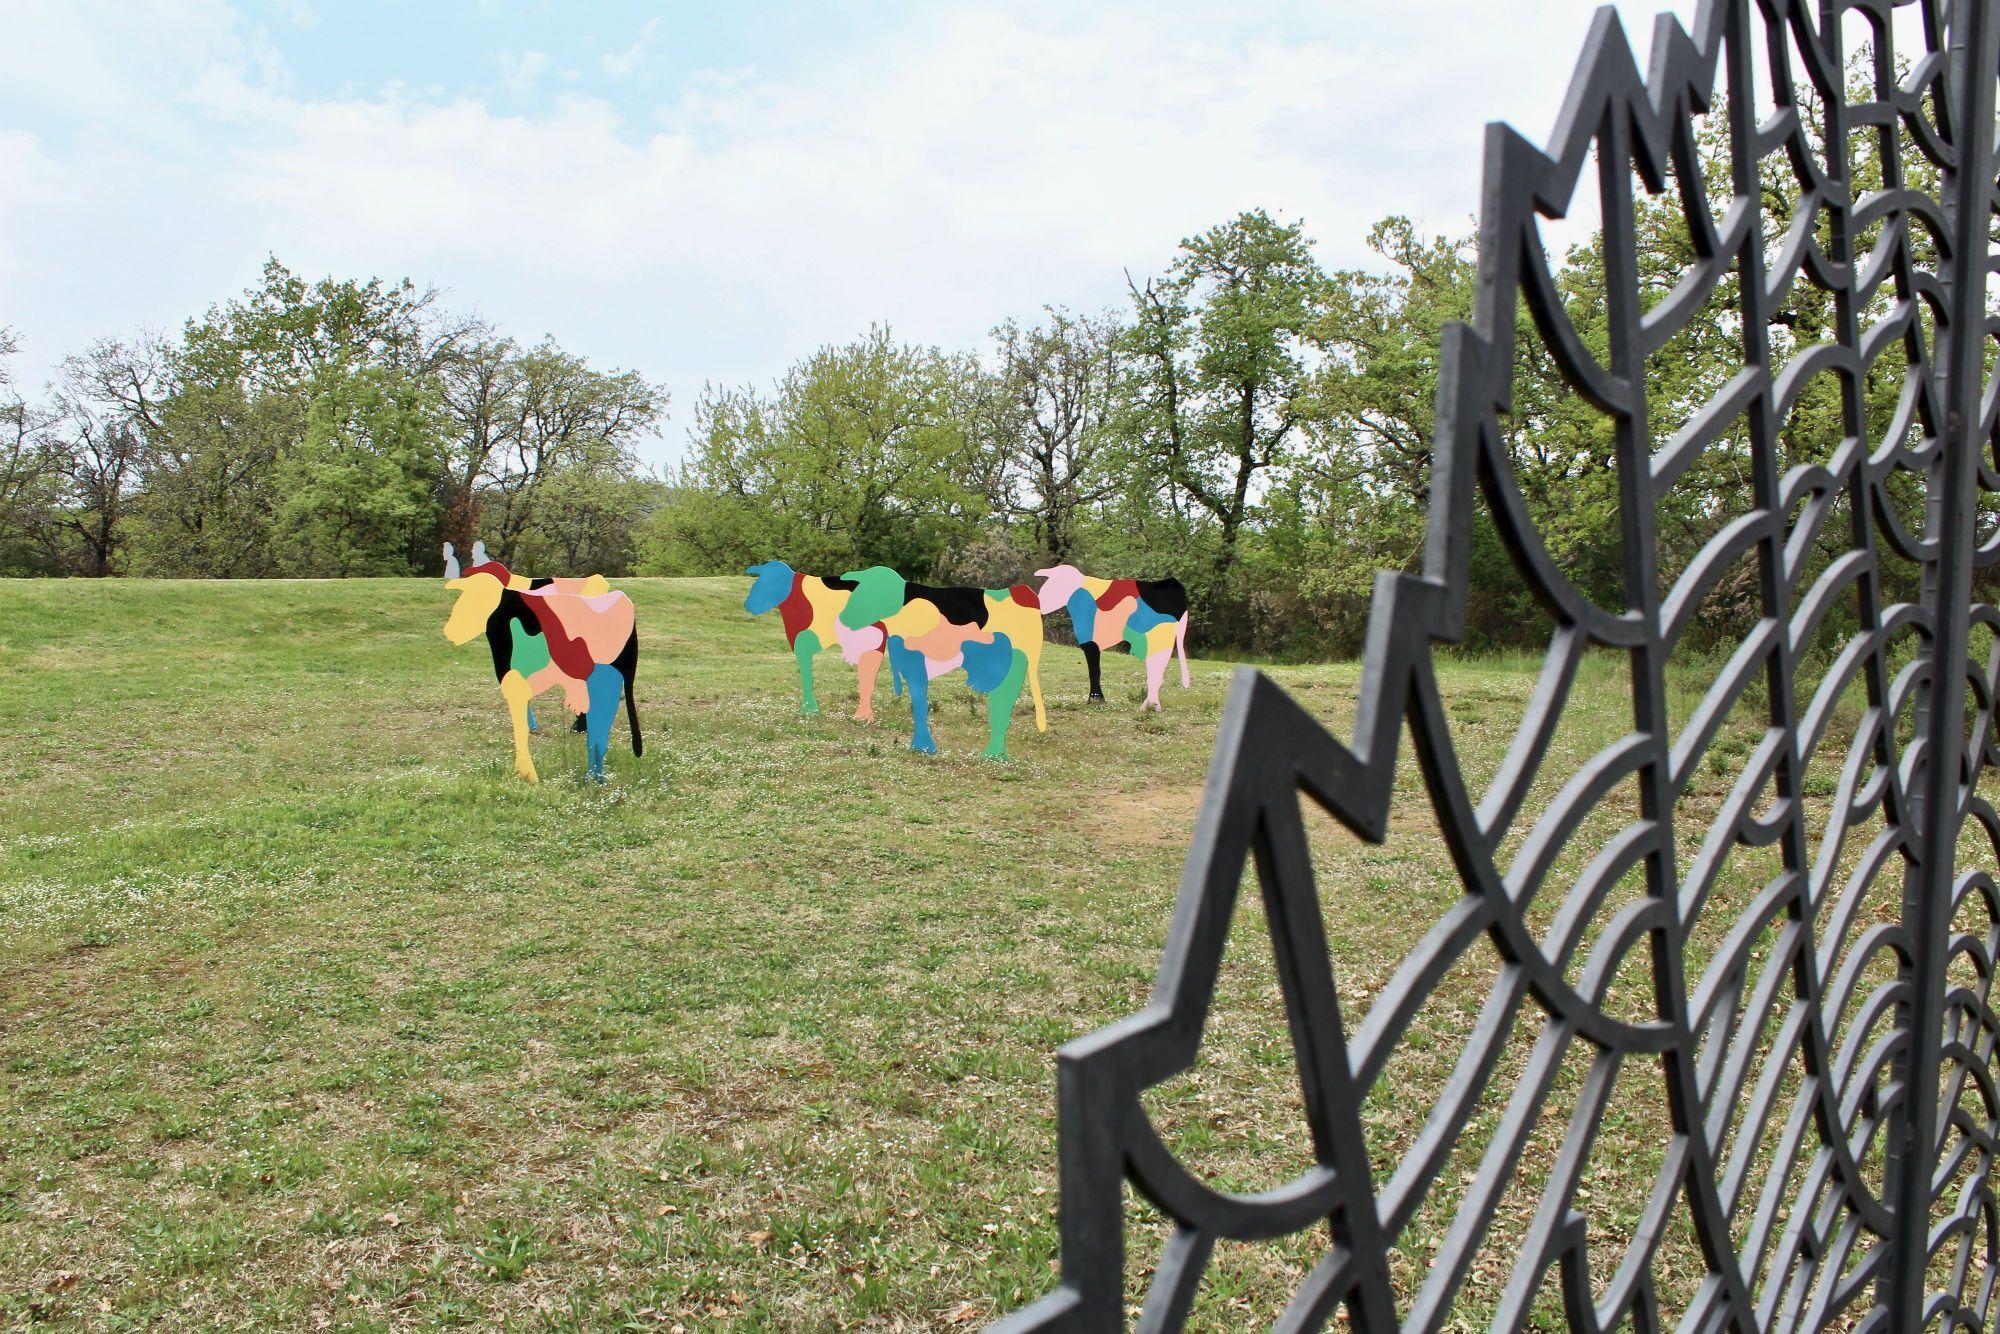 CHIANTI SCULPTURE PARK 1 PARCHI DARTE CONTEMPORANEA IN ITALIA